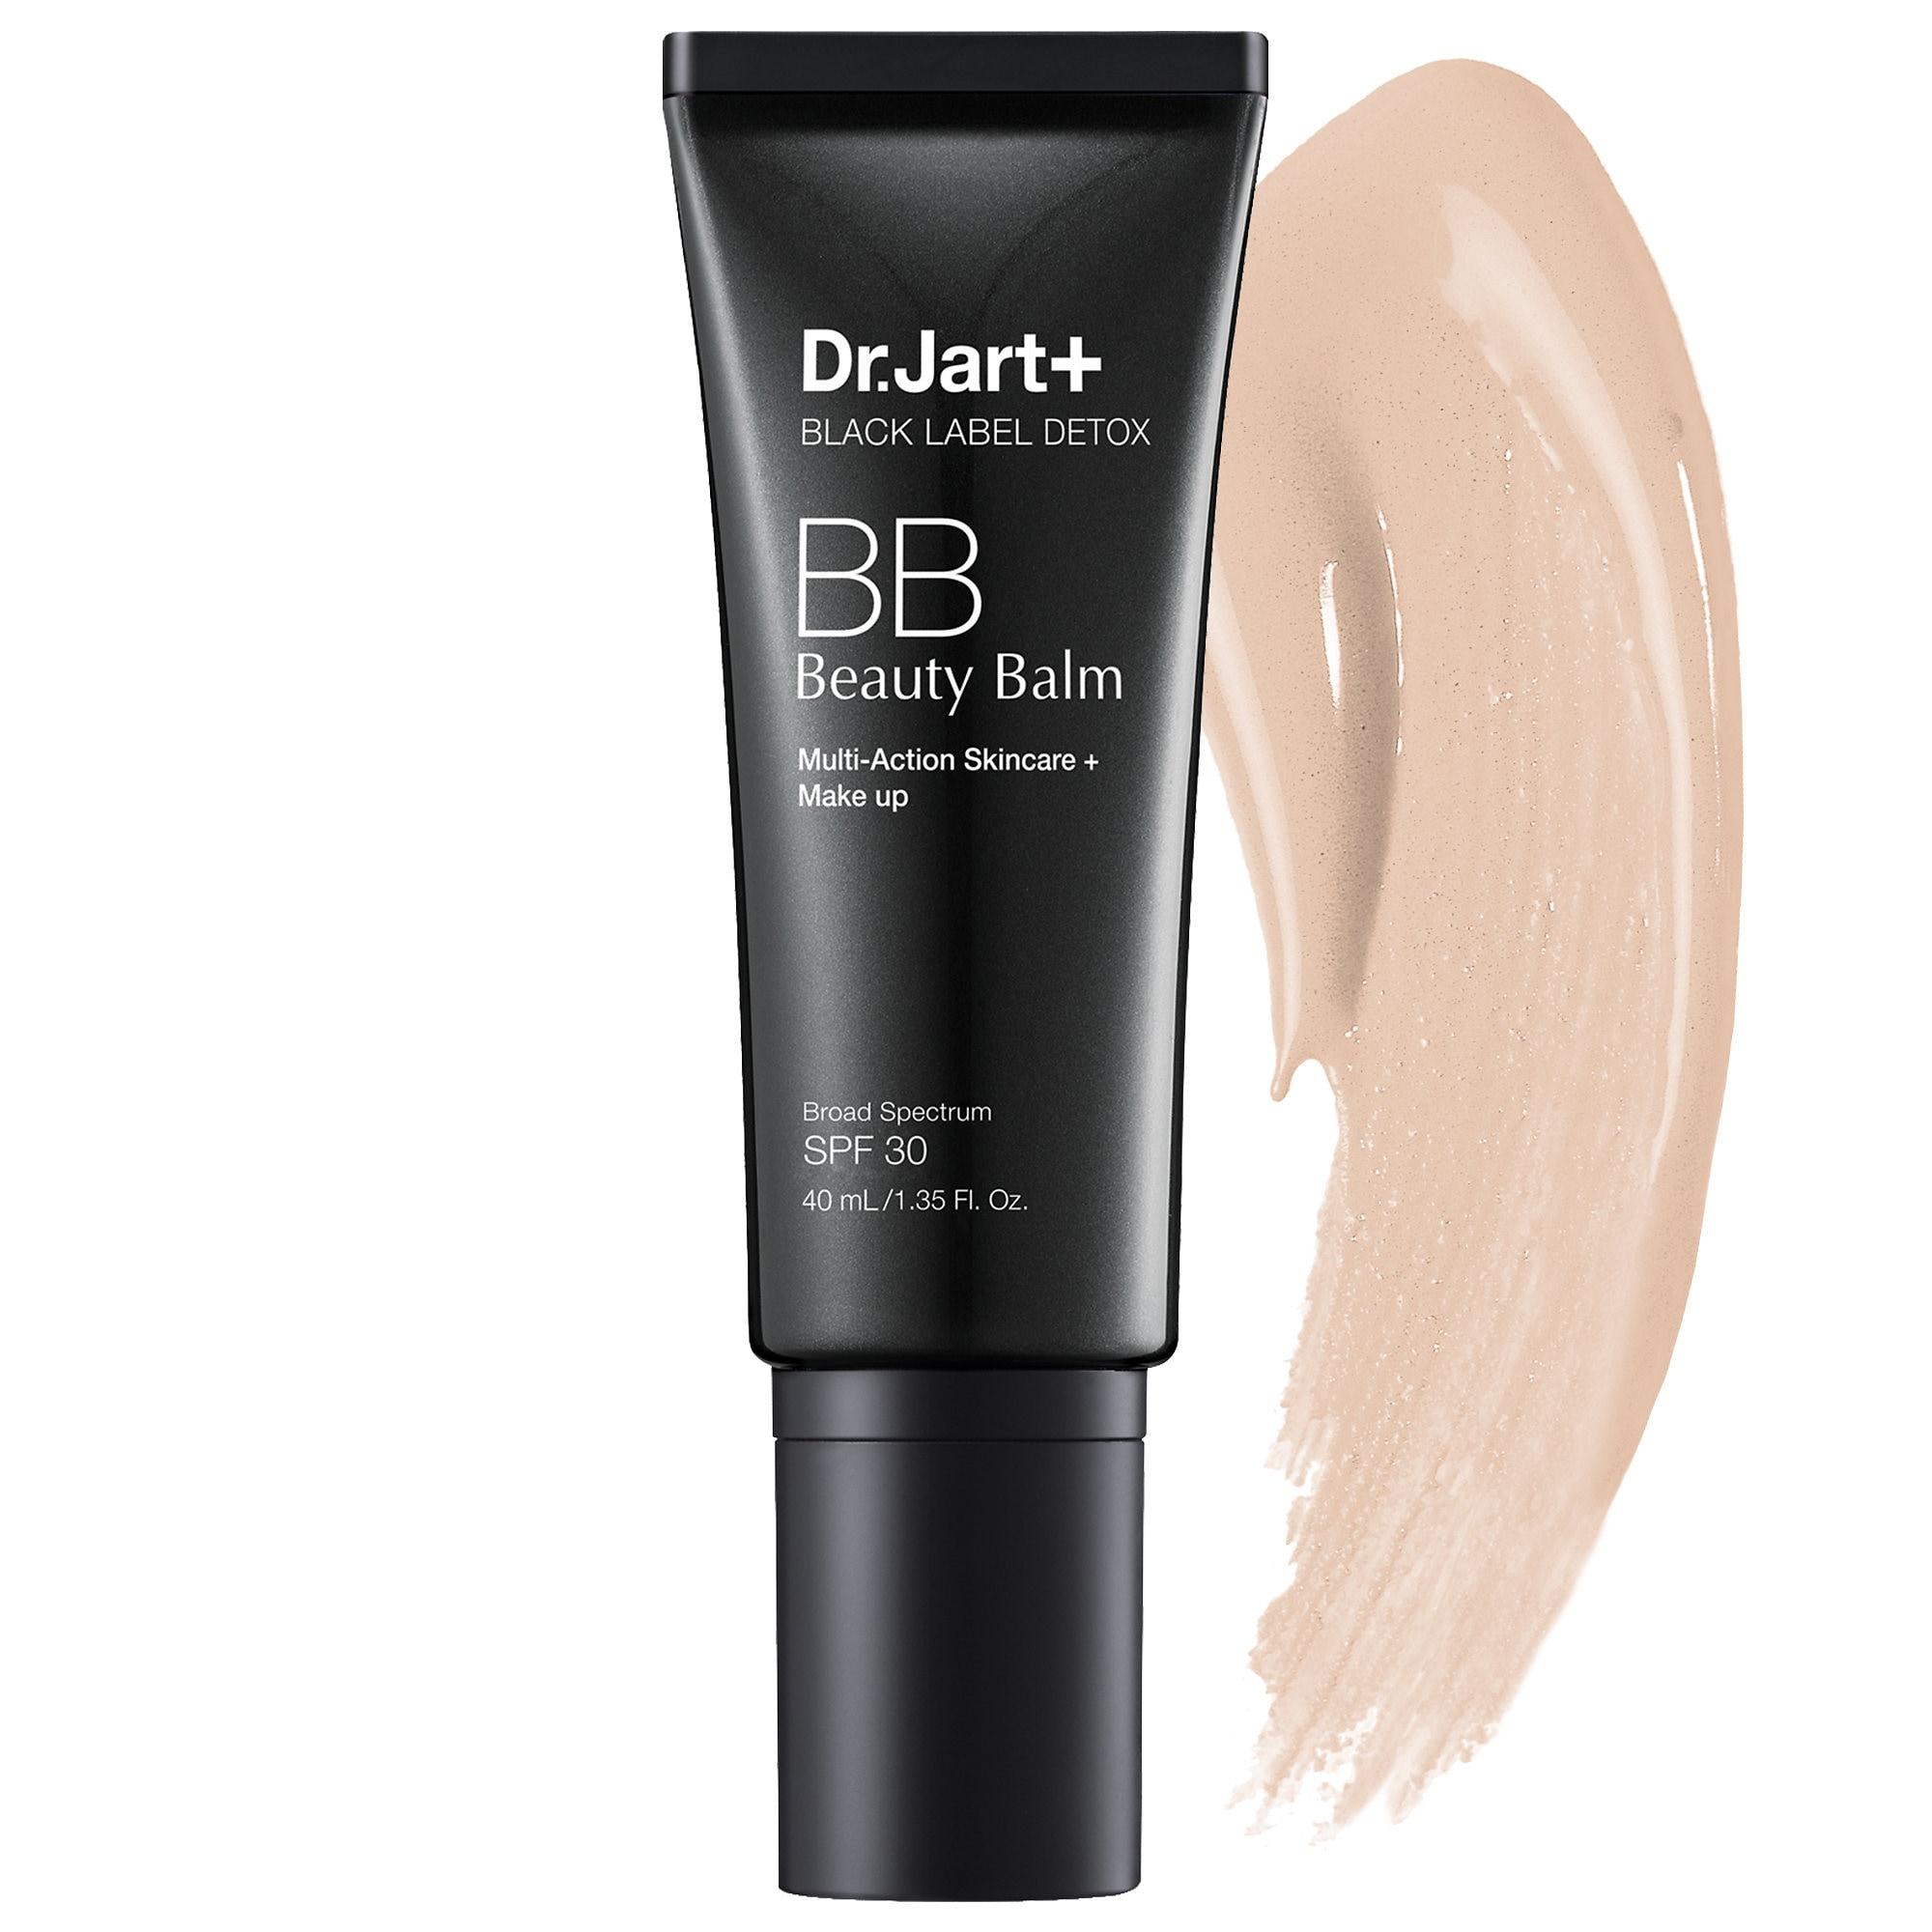 Dr.Jart+ - Black Label Detox BB Beauty Balm